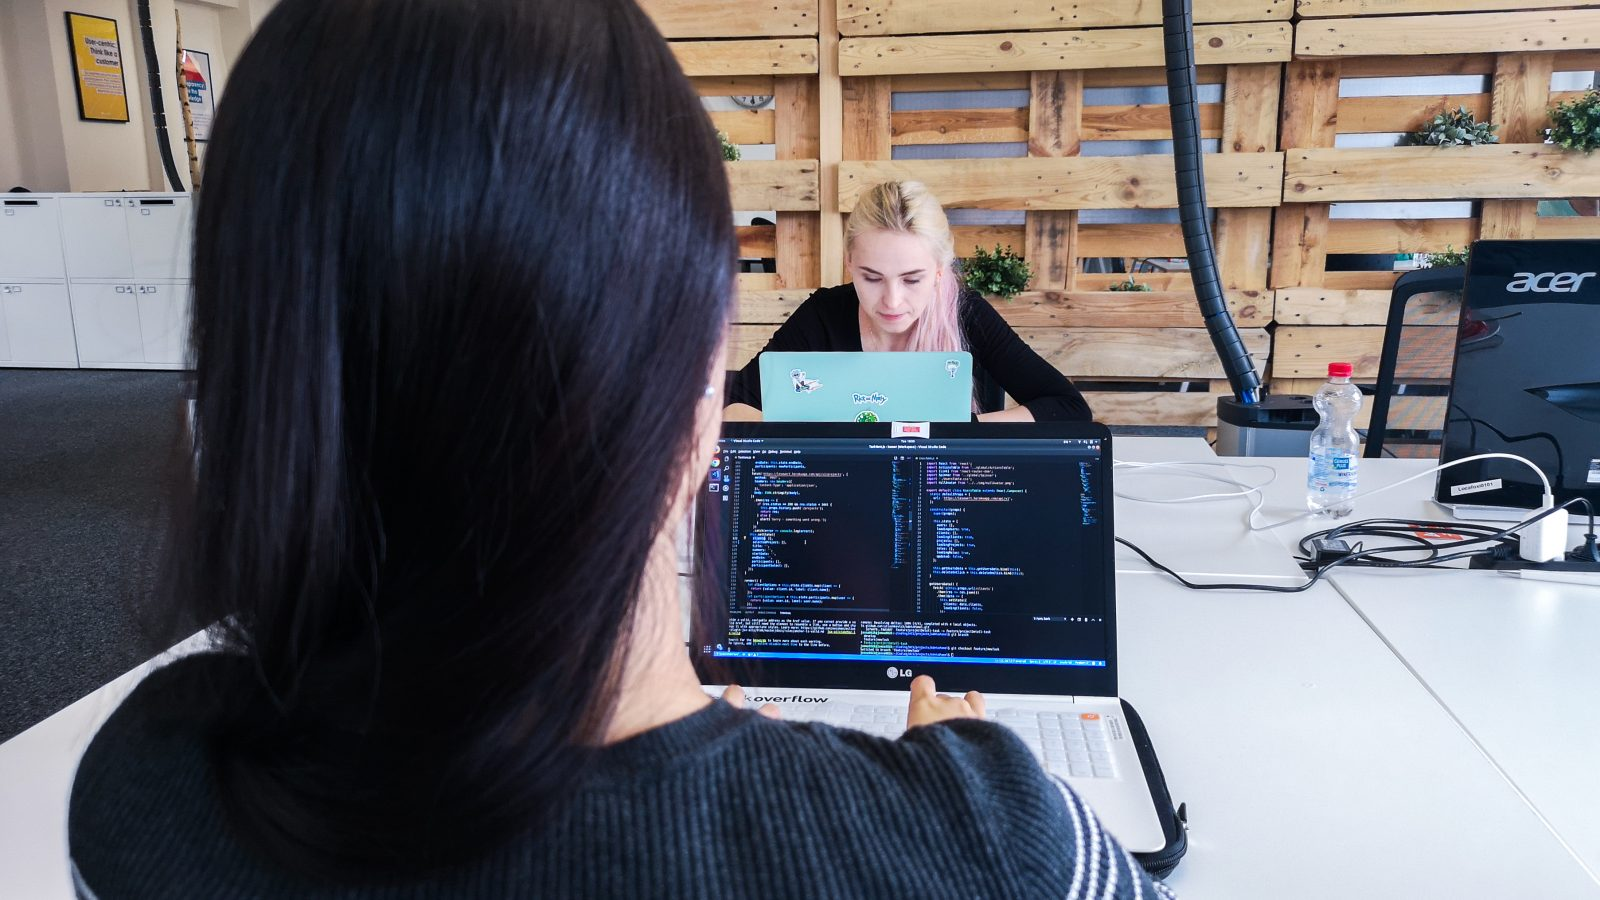 két nő nézi a laptopját